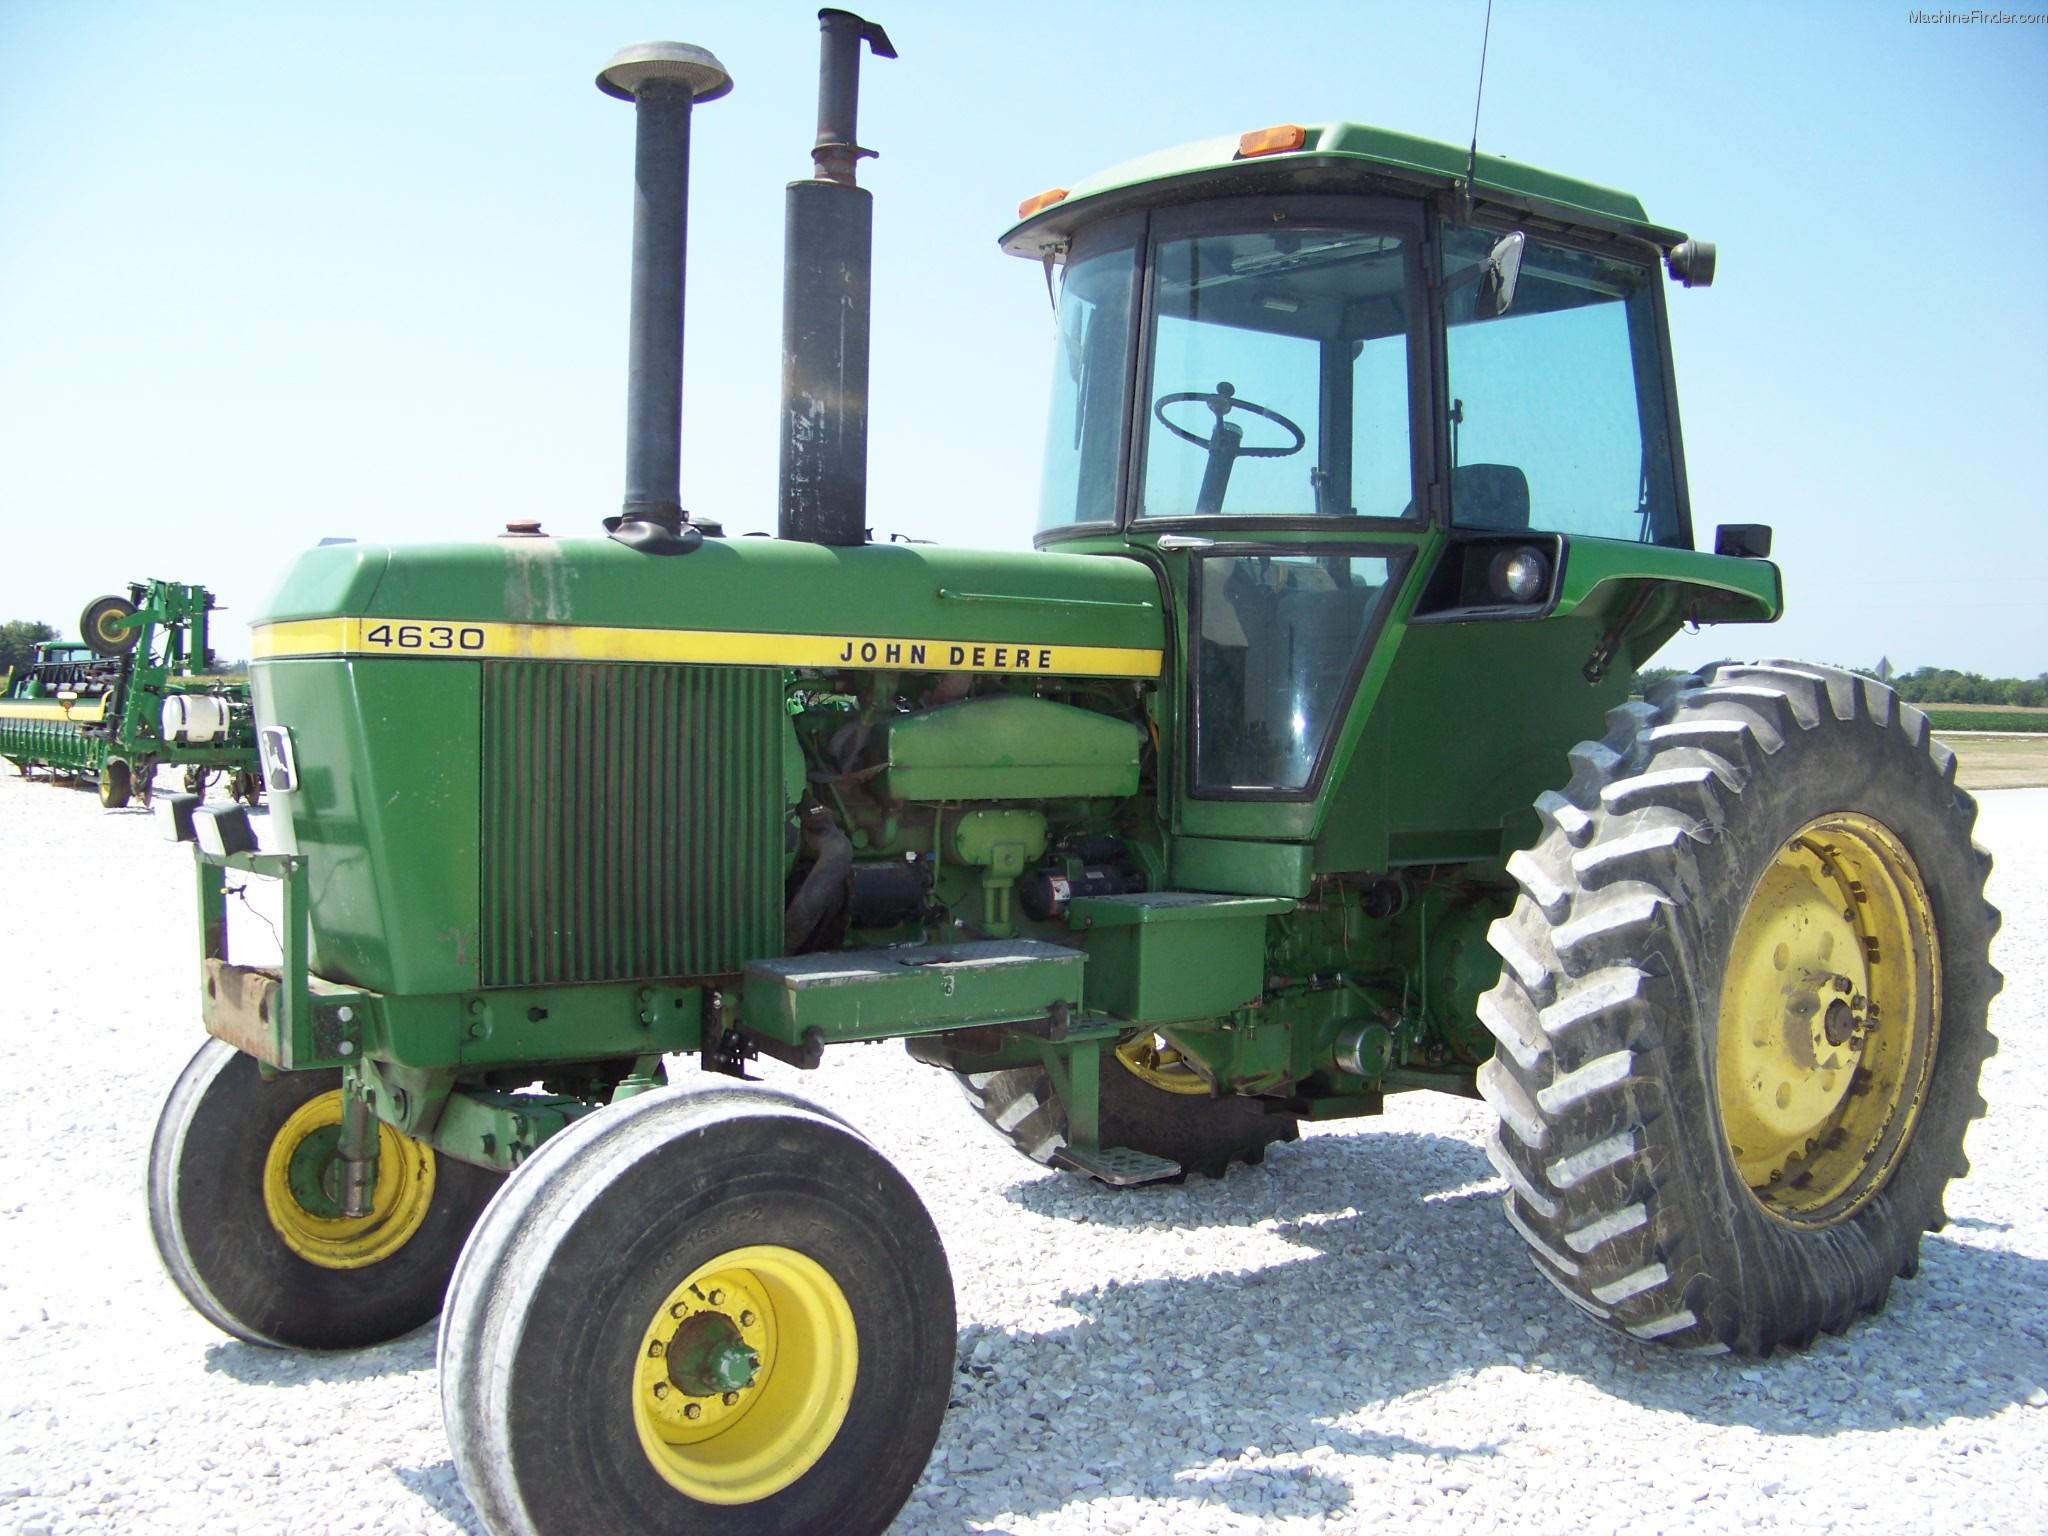 1973 John Deere 4630 Tractors - Row Crop (+100hp) - John ...